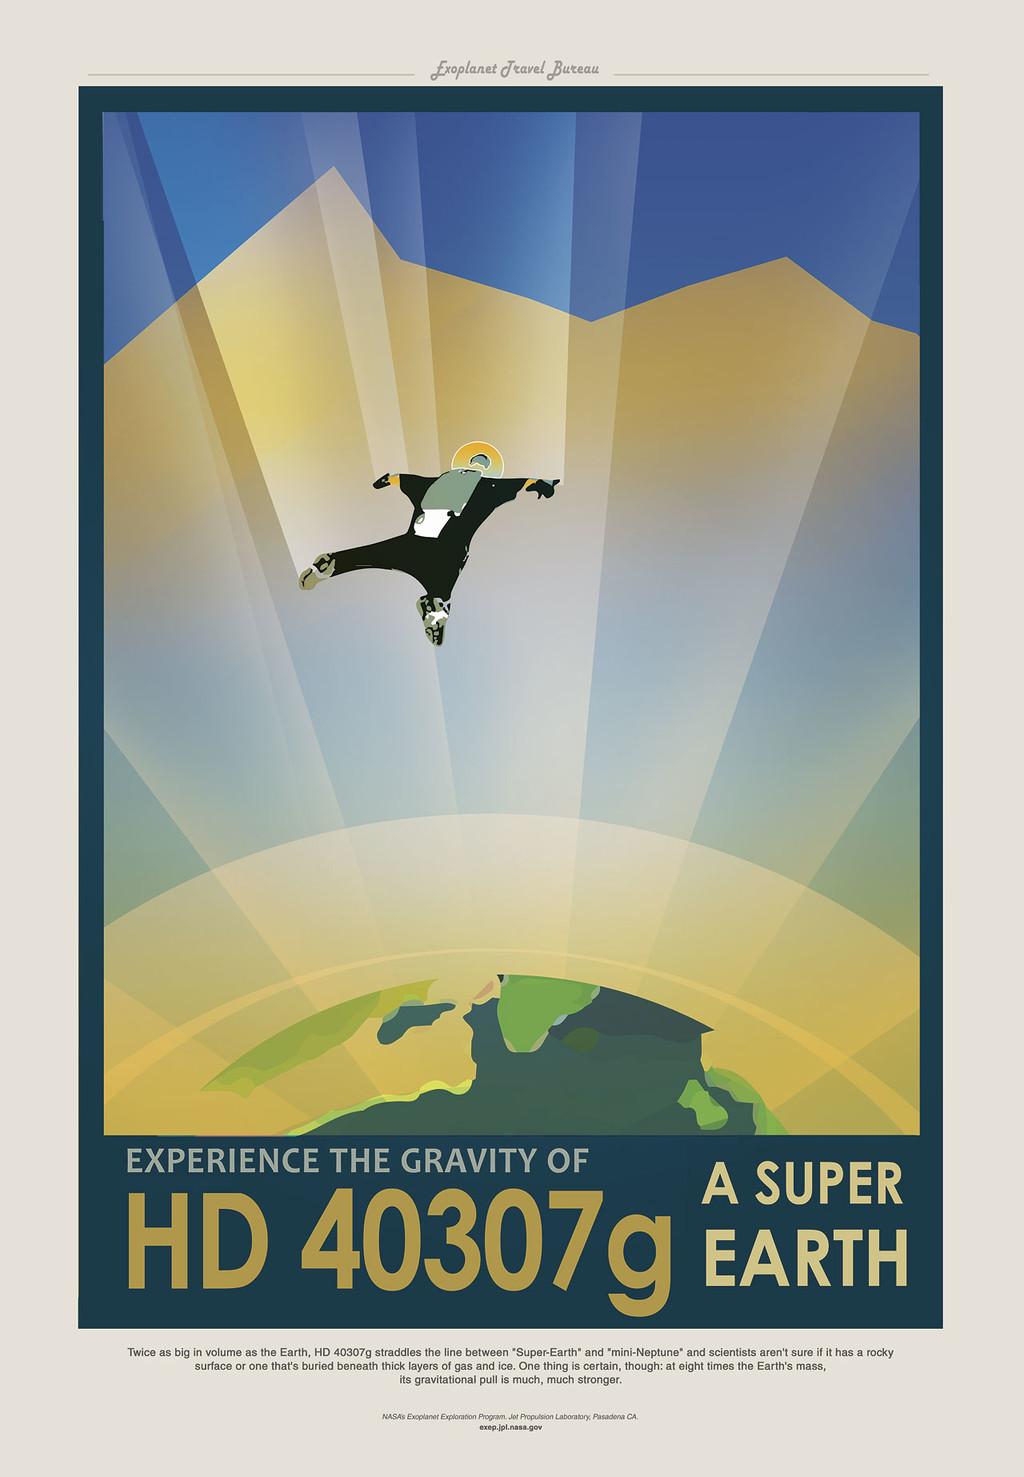 Hd40307g